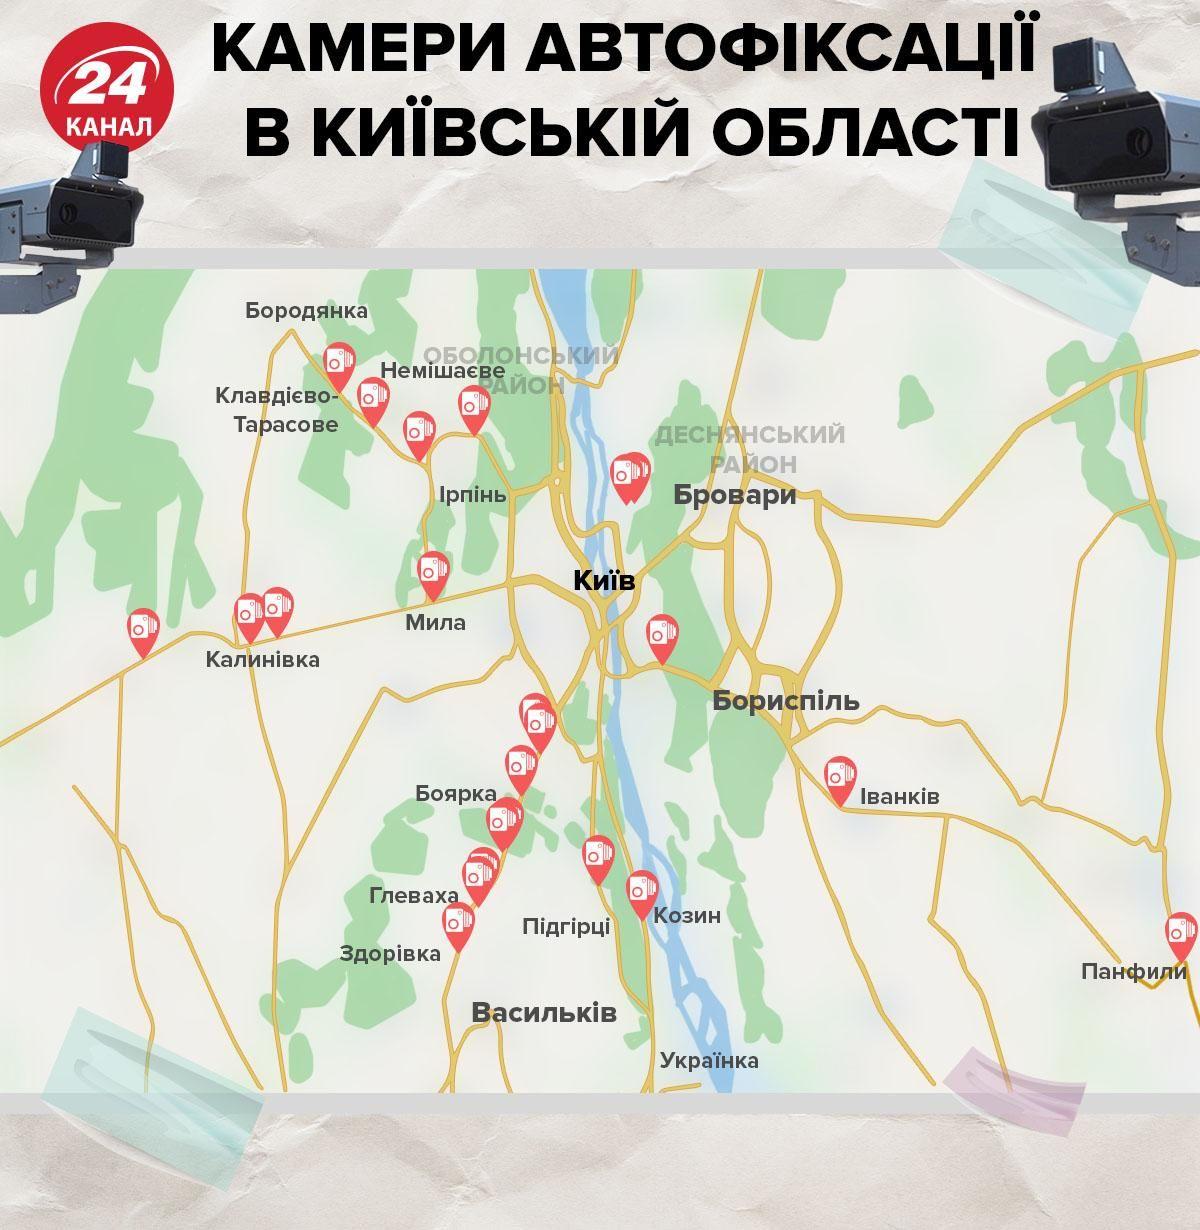 В 4,5 раза быстрее нормы: в Киеве водитель разогнался до 224 километров в час